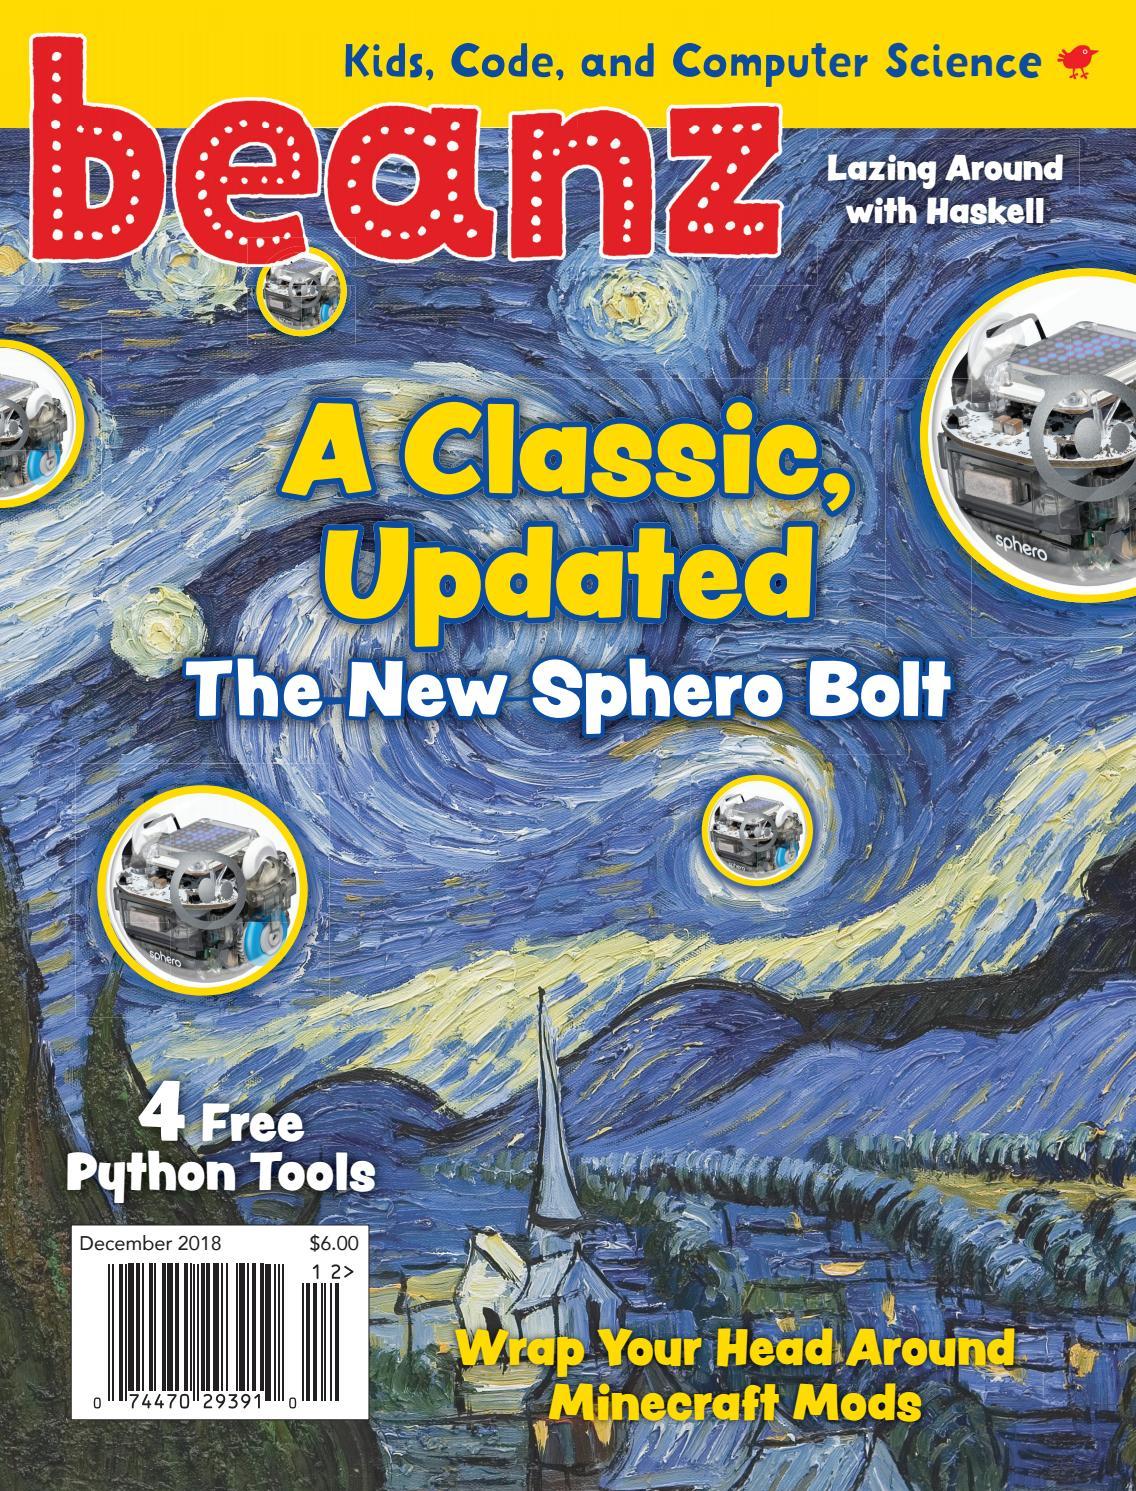 beanz Magazine December 2018 by beanz Magazine - issuu